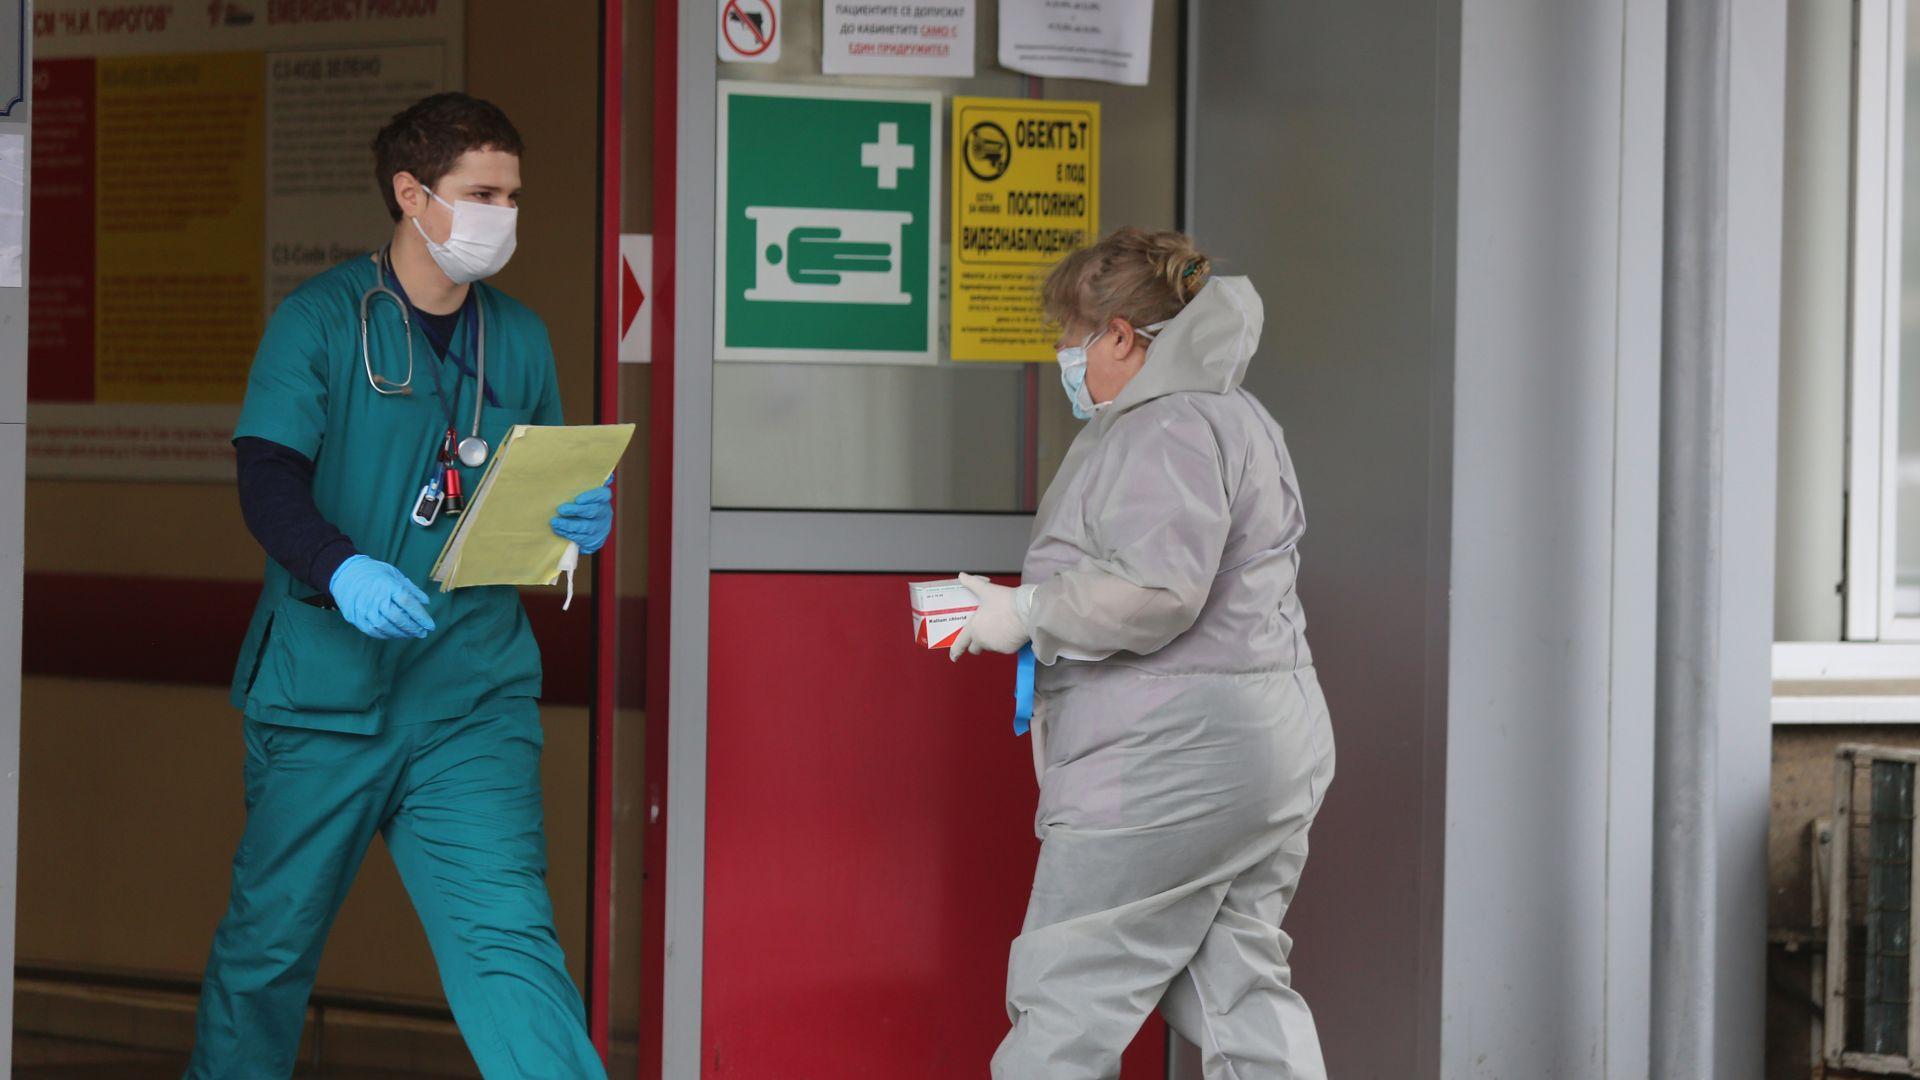 Нови две жертви на коронавирусната инфекция. Две жени издъхнаха днес